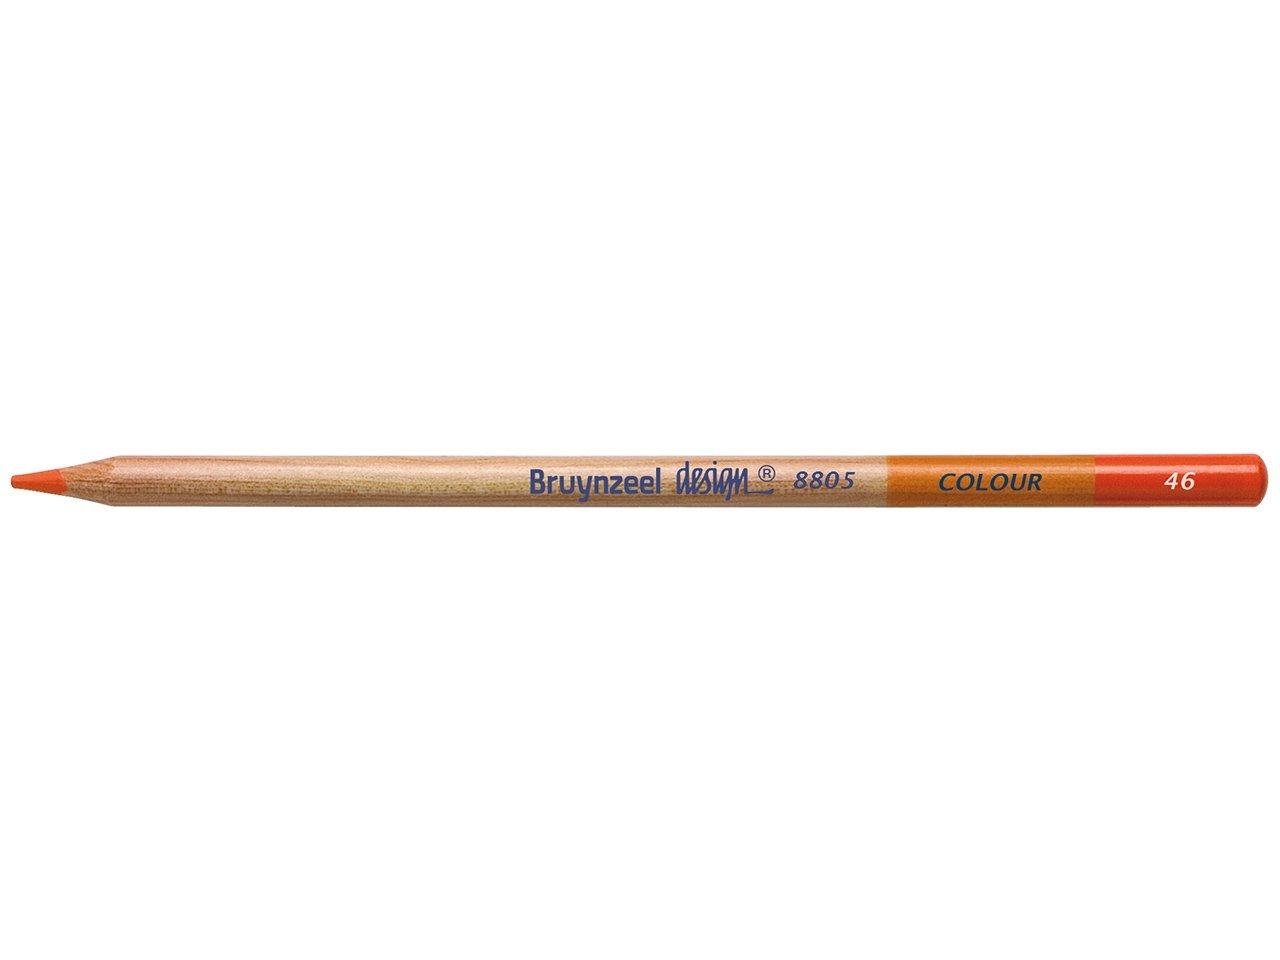 Bruynzeel Pencil - 46 Sanguine